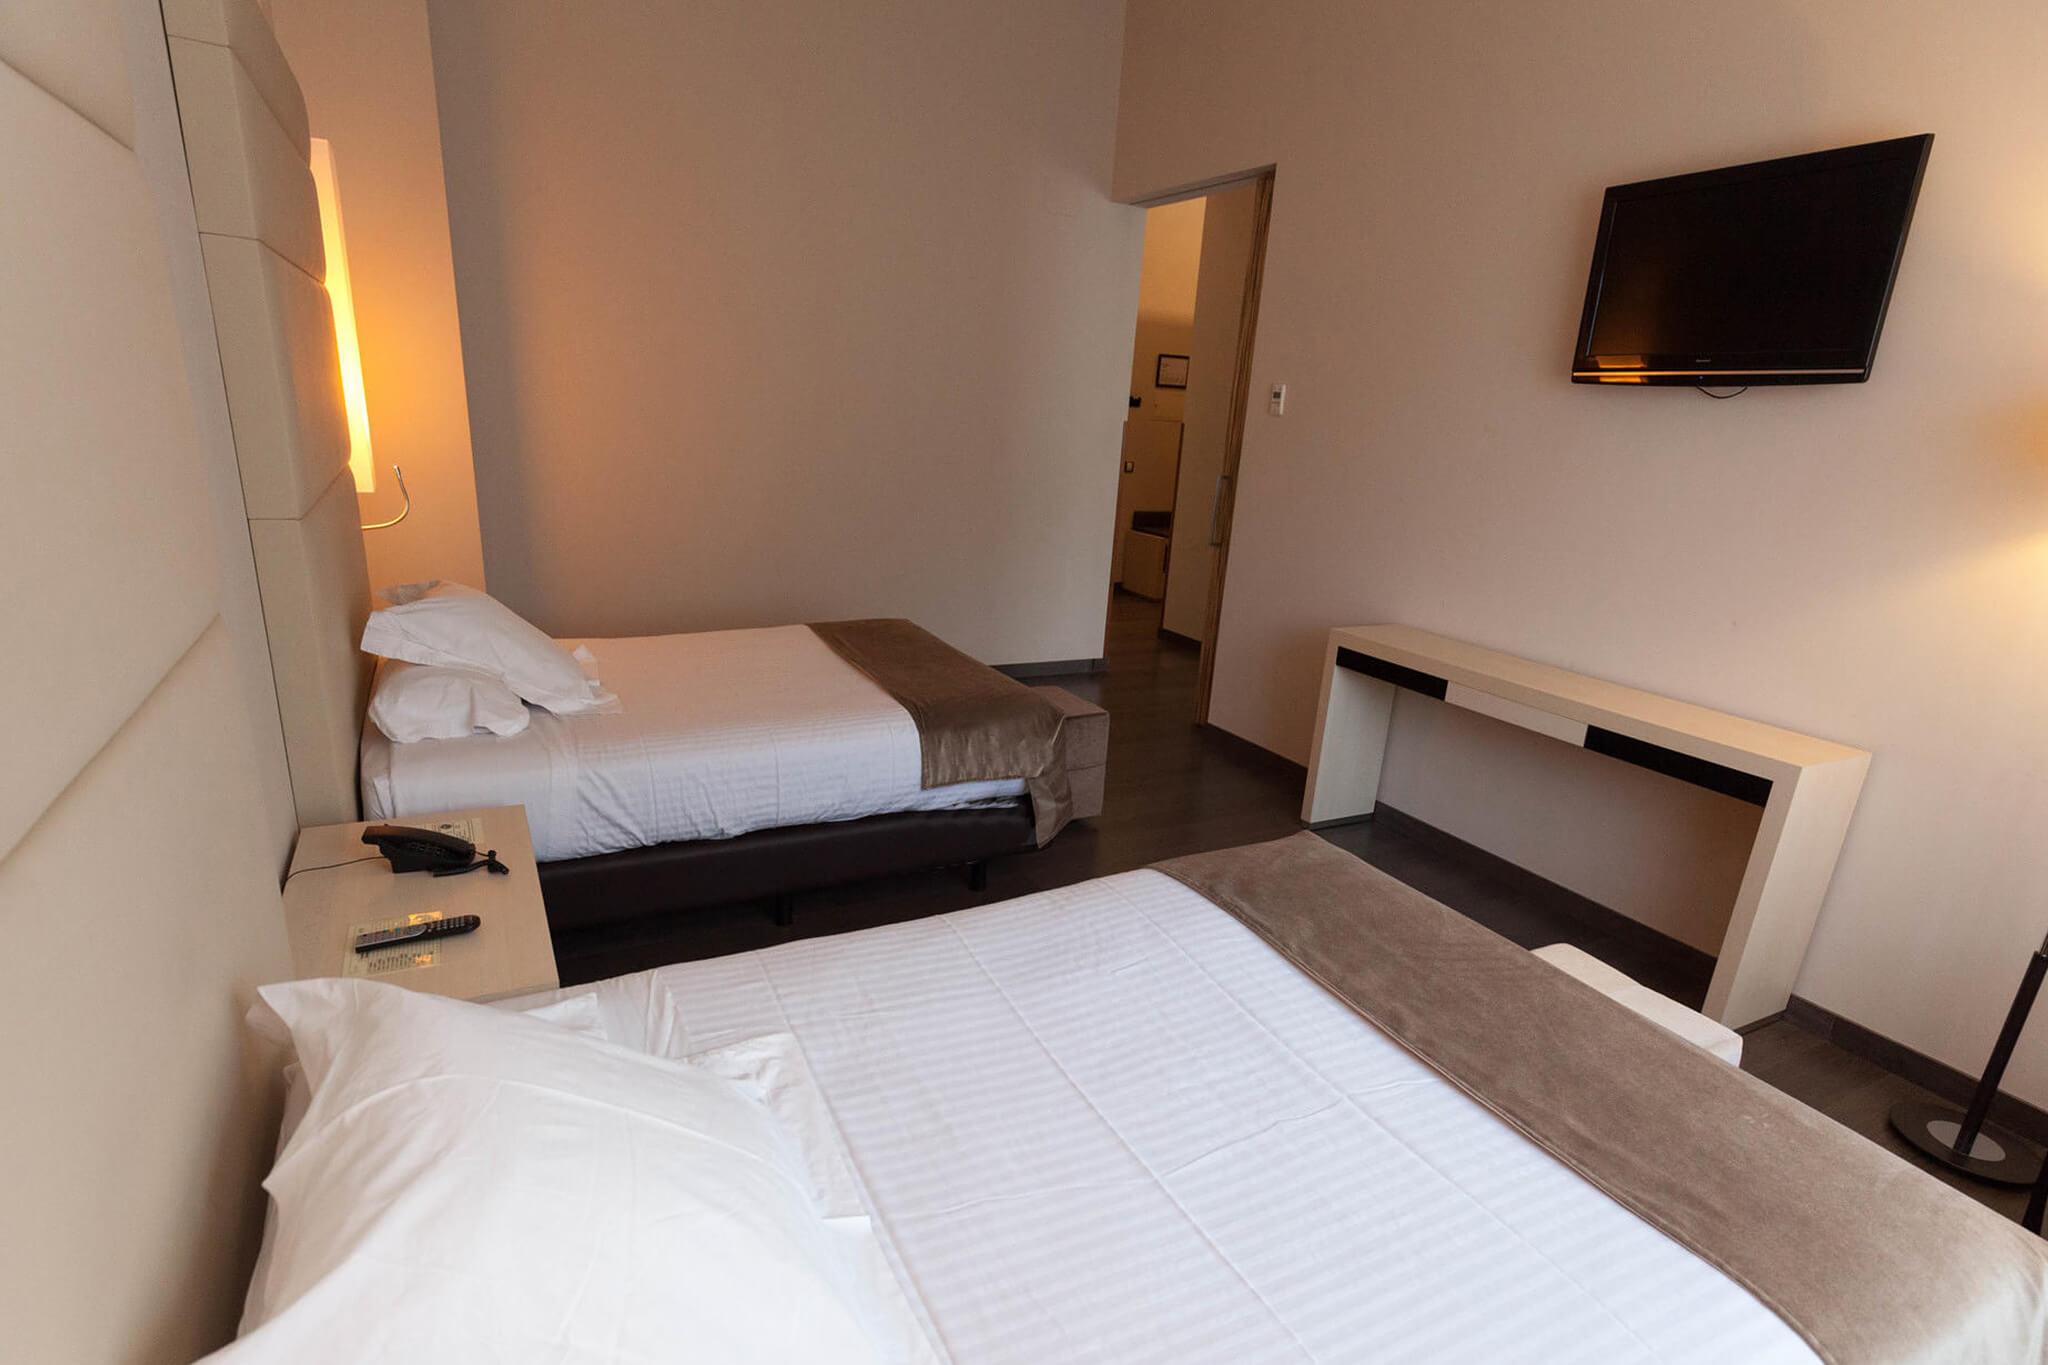 Mola park atiram hotel en escaldes andorra web oficial for Habitacion familiar andorra